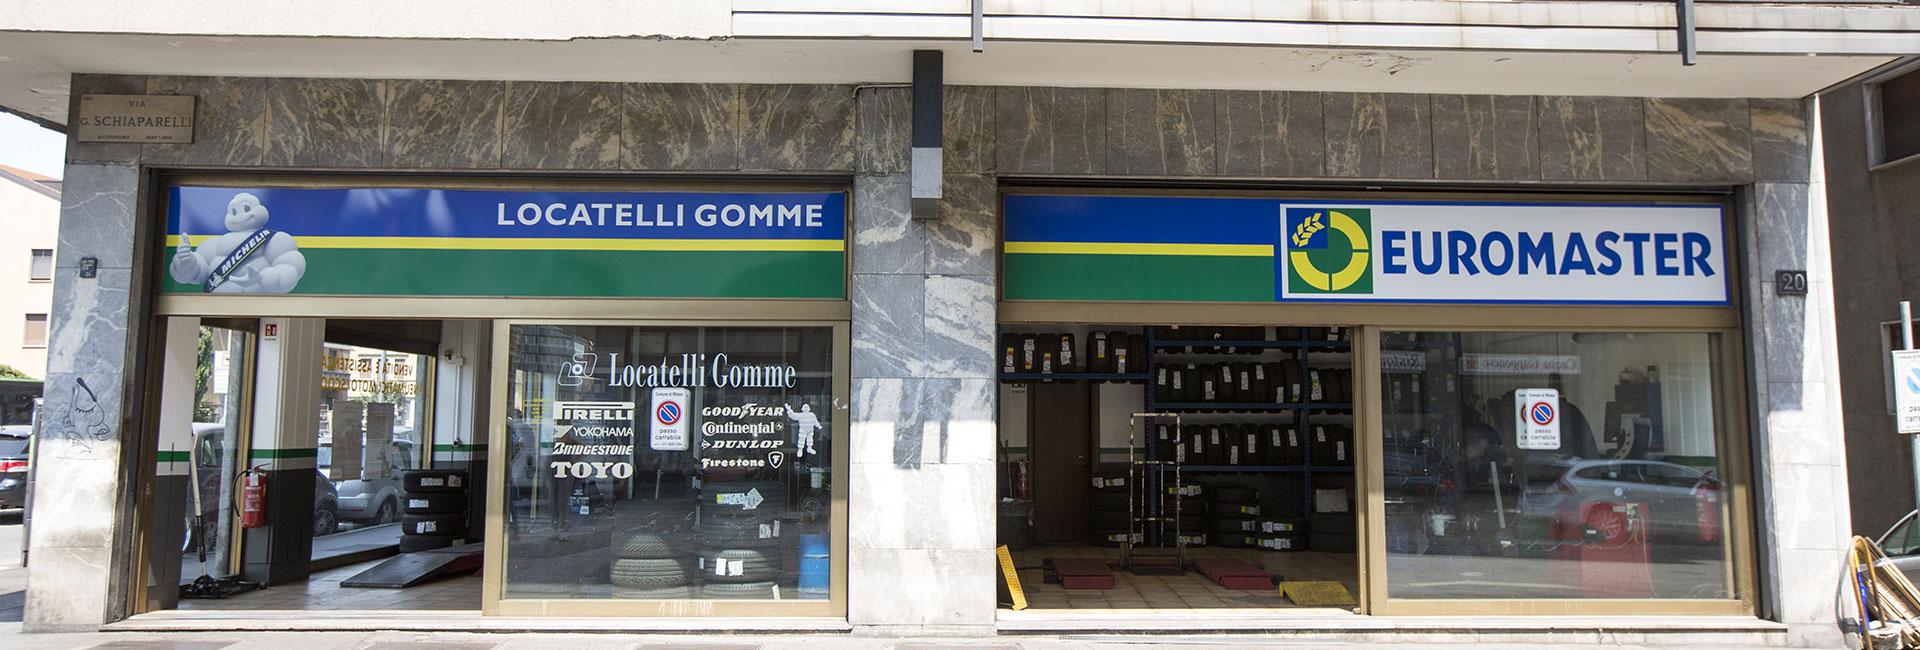 Gommista Euromaster Milano